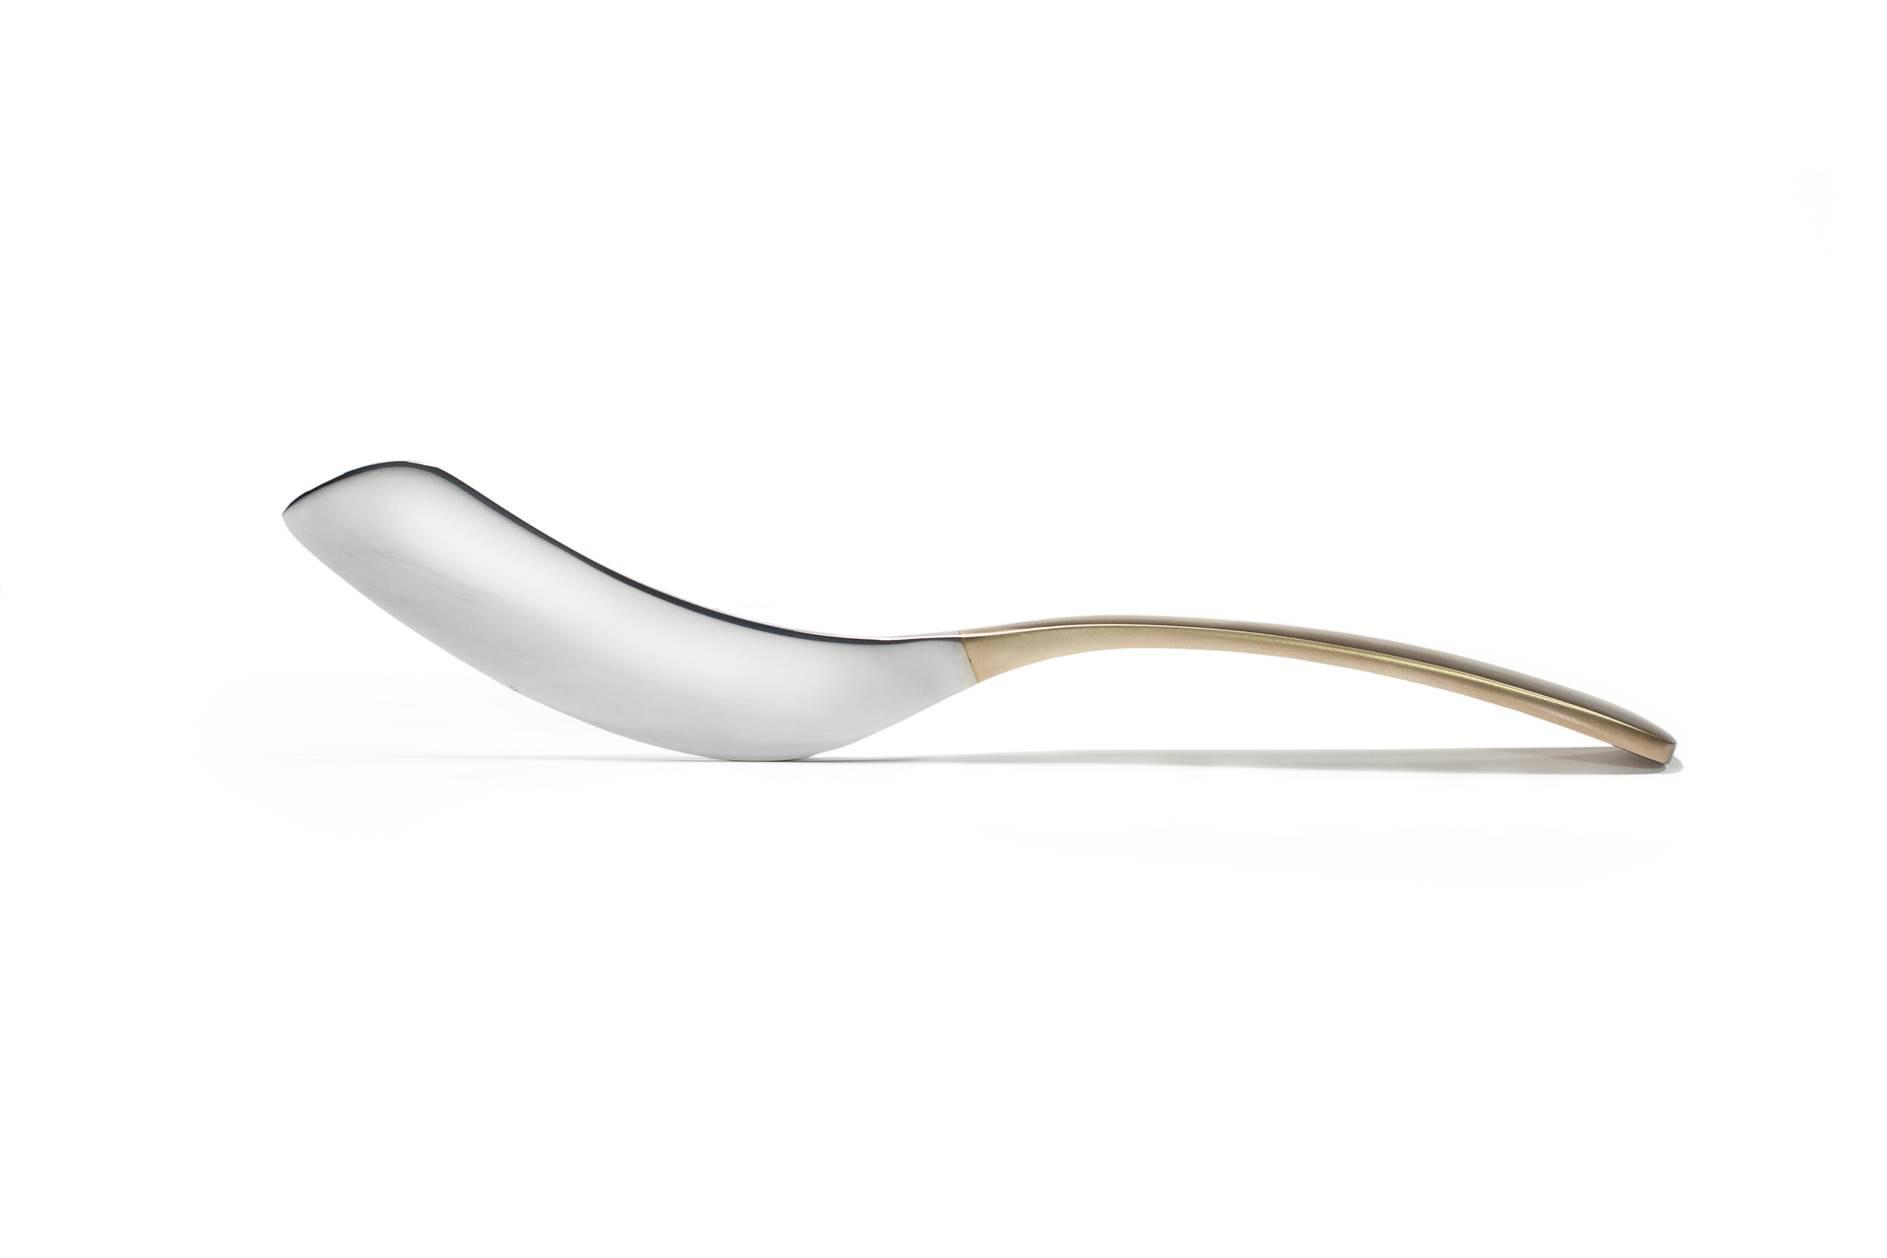 GONDOL                  Gondol tårtspade designad av Barbro Berlin är mycket elegant i materialet mattborstad mässing och rostfritt stål Kommer i vacker presentask                Pris 399 kr